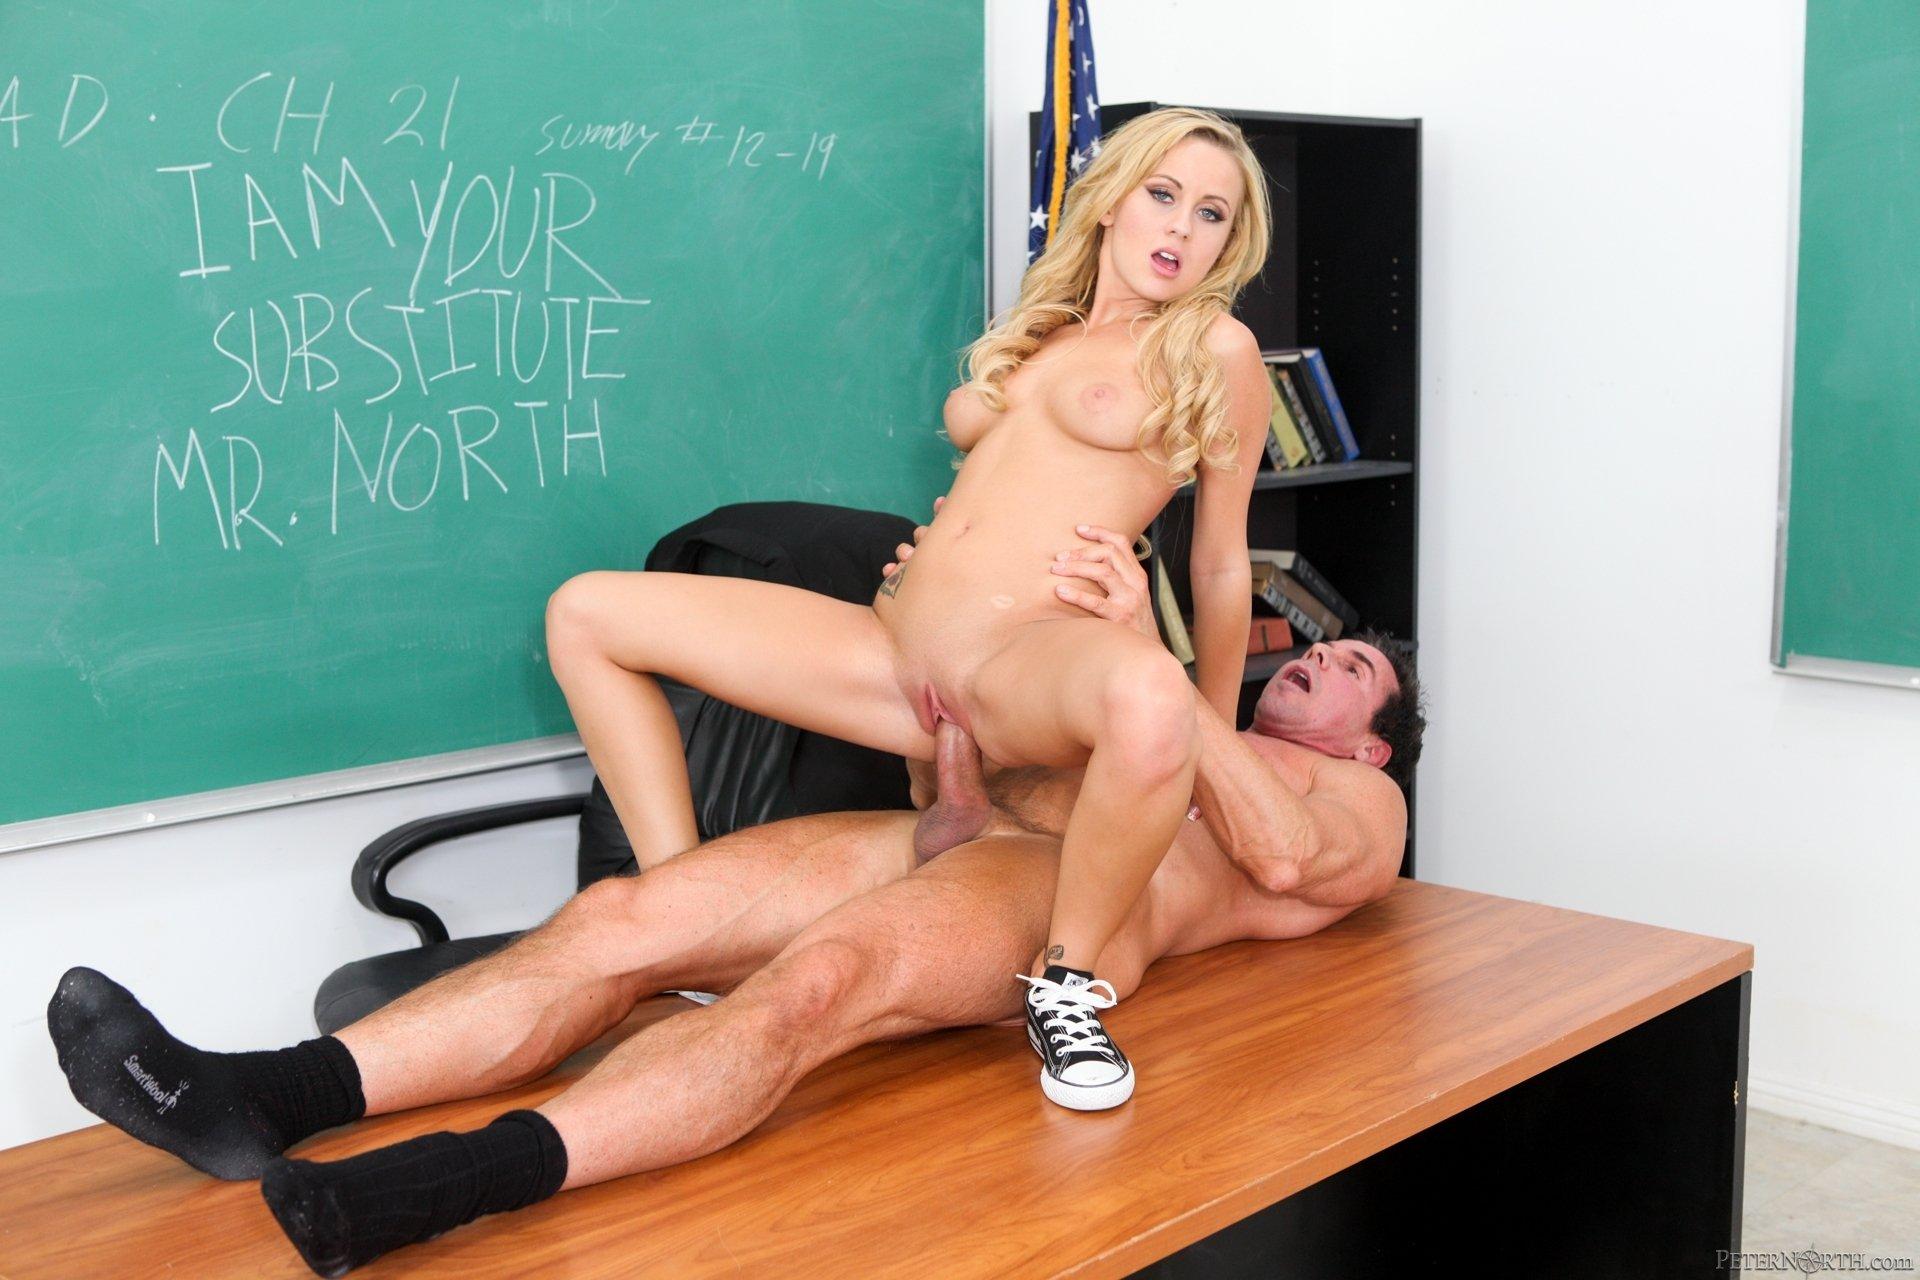 Ученицы трахнули учителя, Учитель трахает ученицу - смотреть лучшее порно 8 фотография